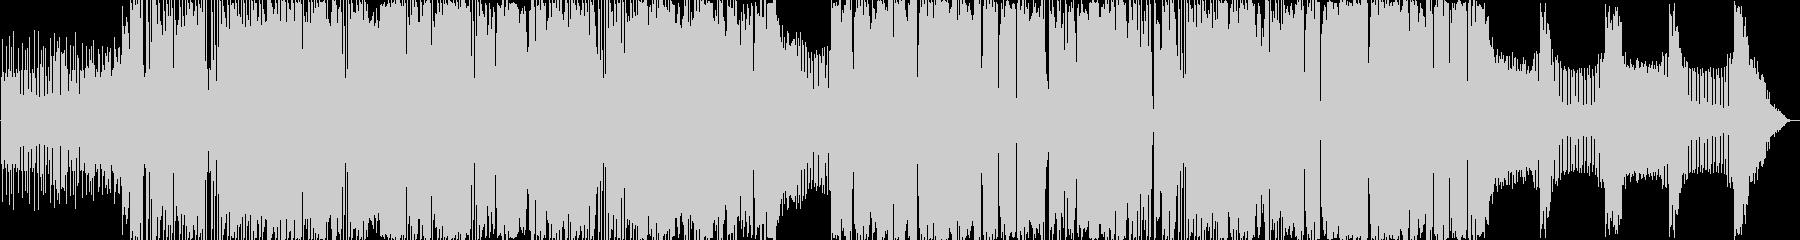 エレクトロ。ソフトEDM。の未再生の波形